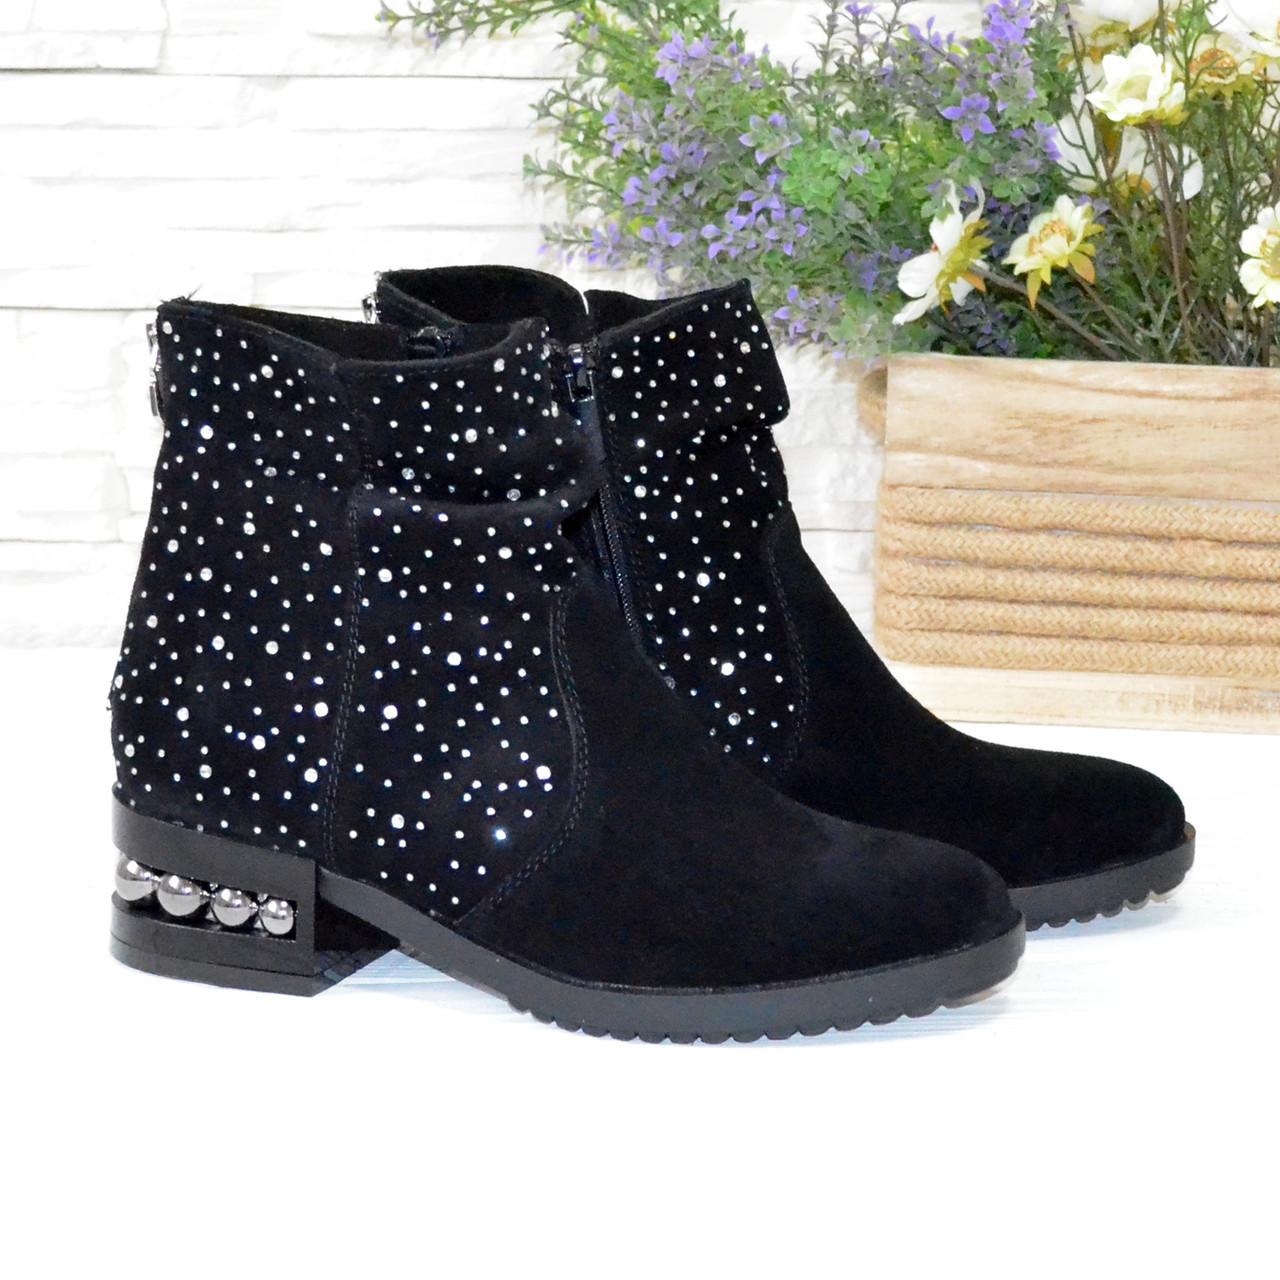 """Ботинки замшевые женские на устойчивом каблуке, декорированы накаткой камней. ТМ """"Maestro"""""""